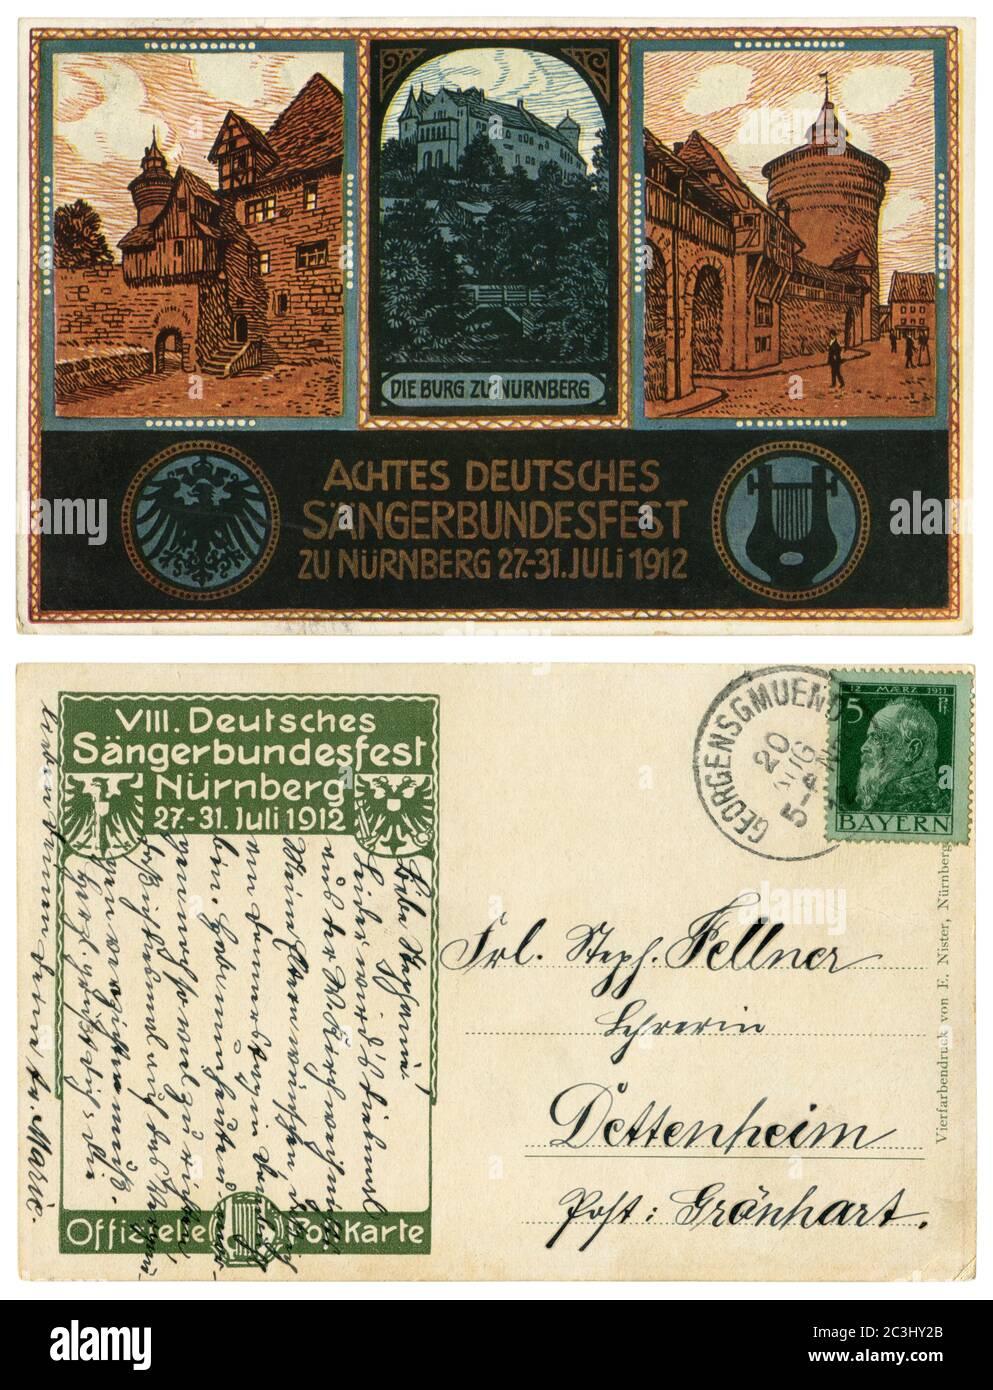 Carte postale historique allemande : festival de chant. Sängerbundesfest à Nuremberg, 27-31 juillet 1912. Un ancien château bavarois avec des tours. Bavière, Empire allemand Banque D'Images